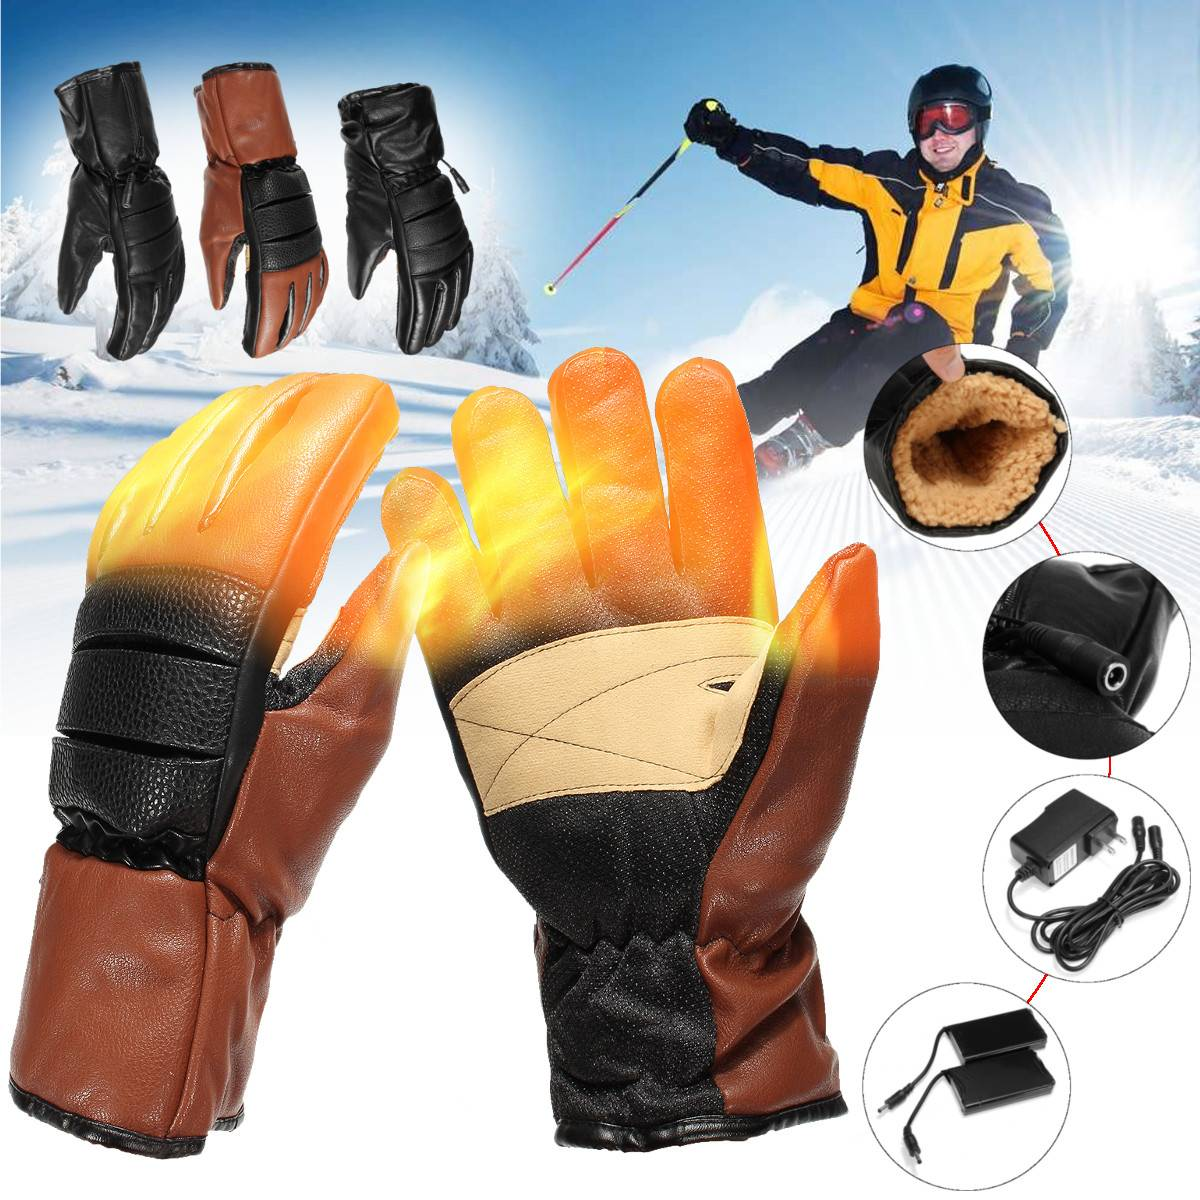 Gants chauffants électriques d'hiver PU cuir femmes hommes Rechargeable 3000 mAh batterie mitaines chauffantes chaudes intérieur épaissir gants en coton - 2